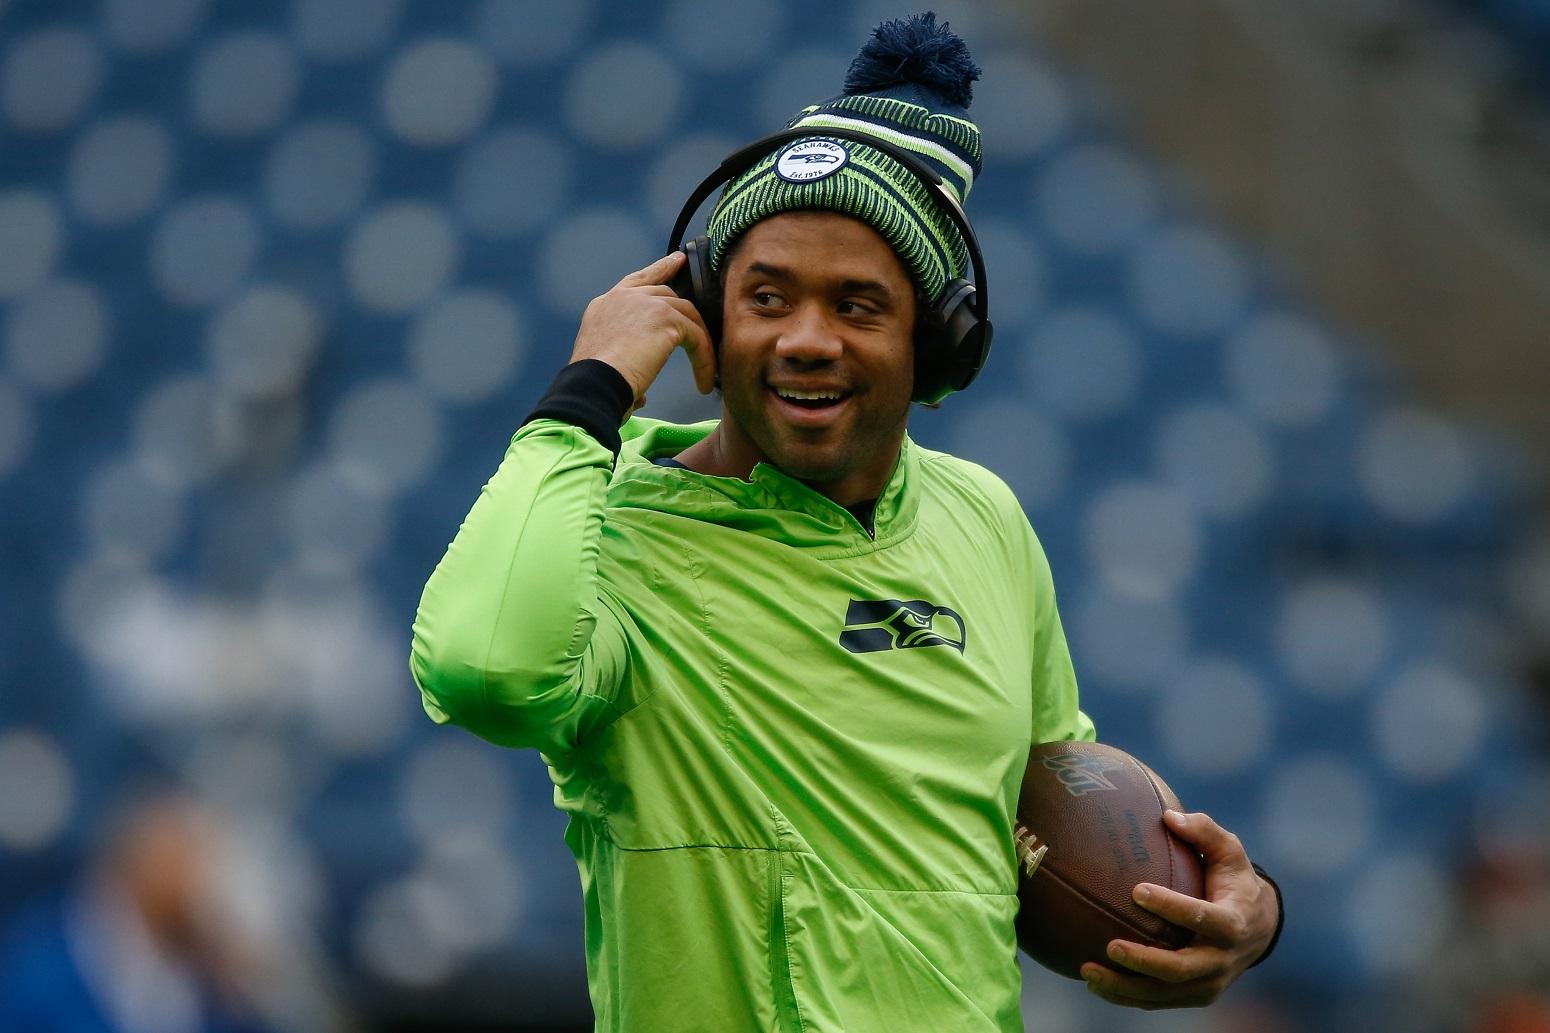 Russell Wilson Antonio Brown Seahawks NFL